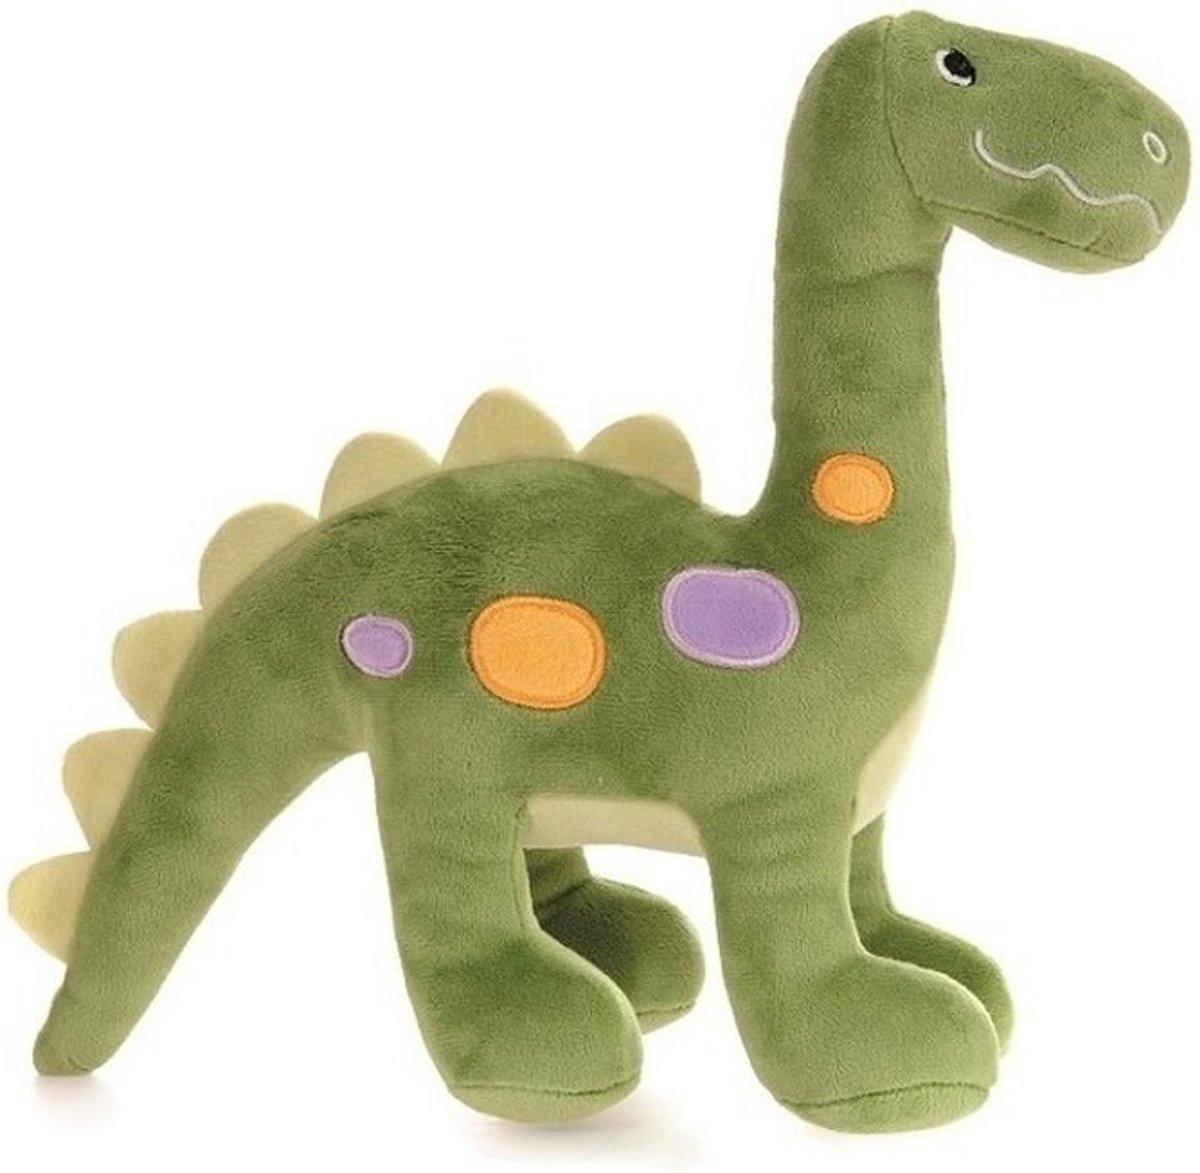 Afbeelding van product Pluche groene dinosaurus knuffel 27 cm - dinosaurus dino knuffels - Speelgoed voor baby/kinderen